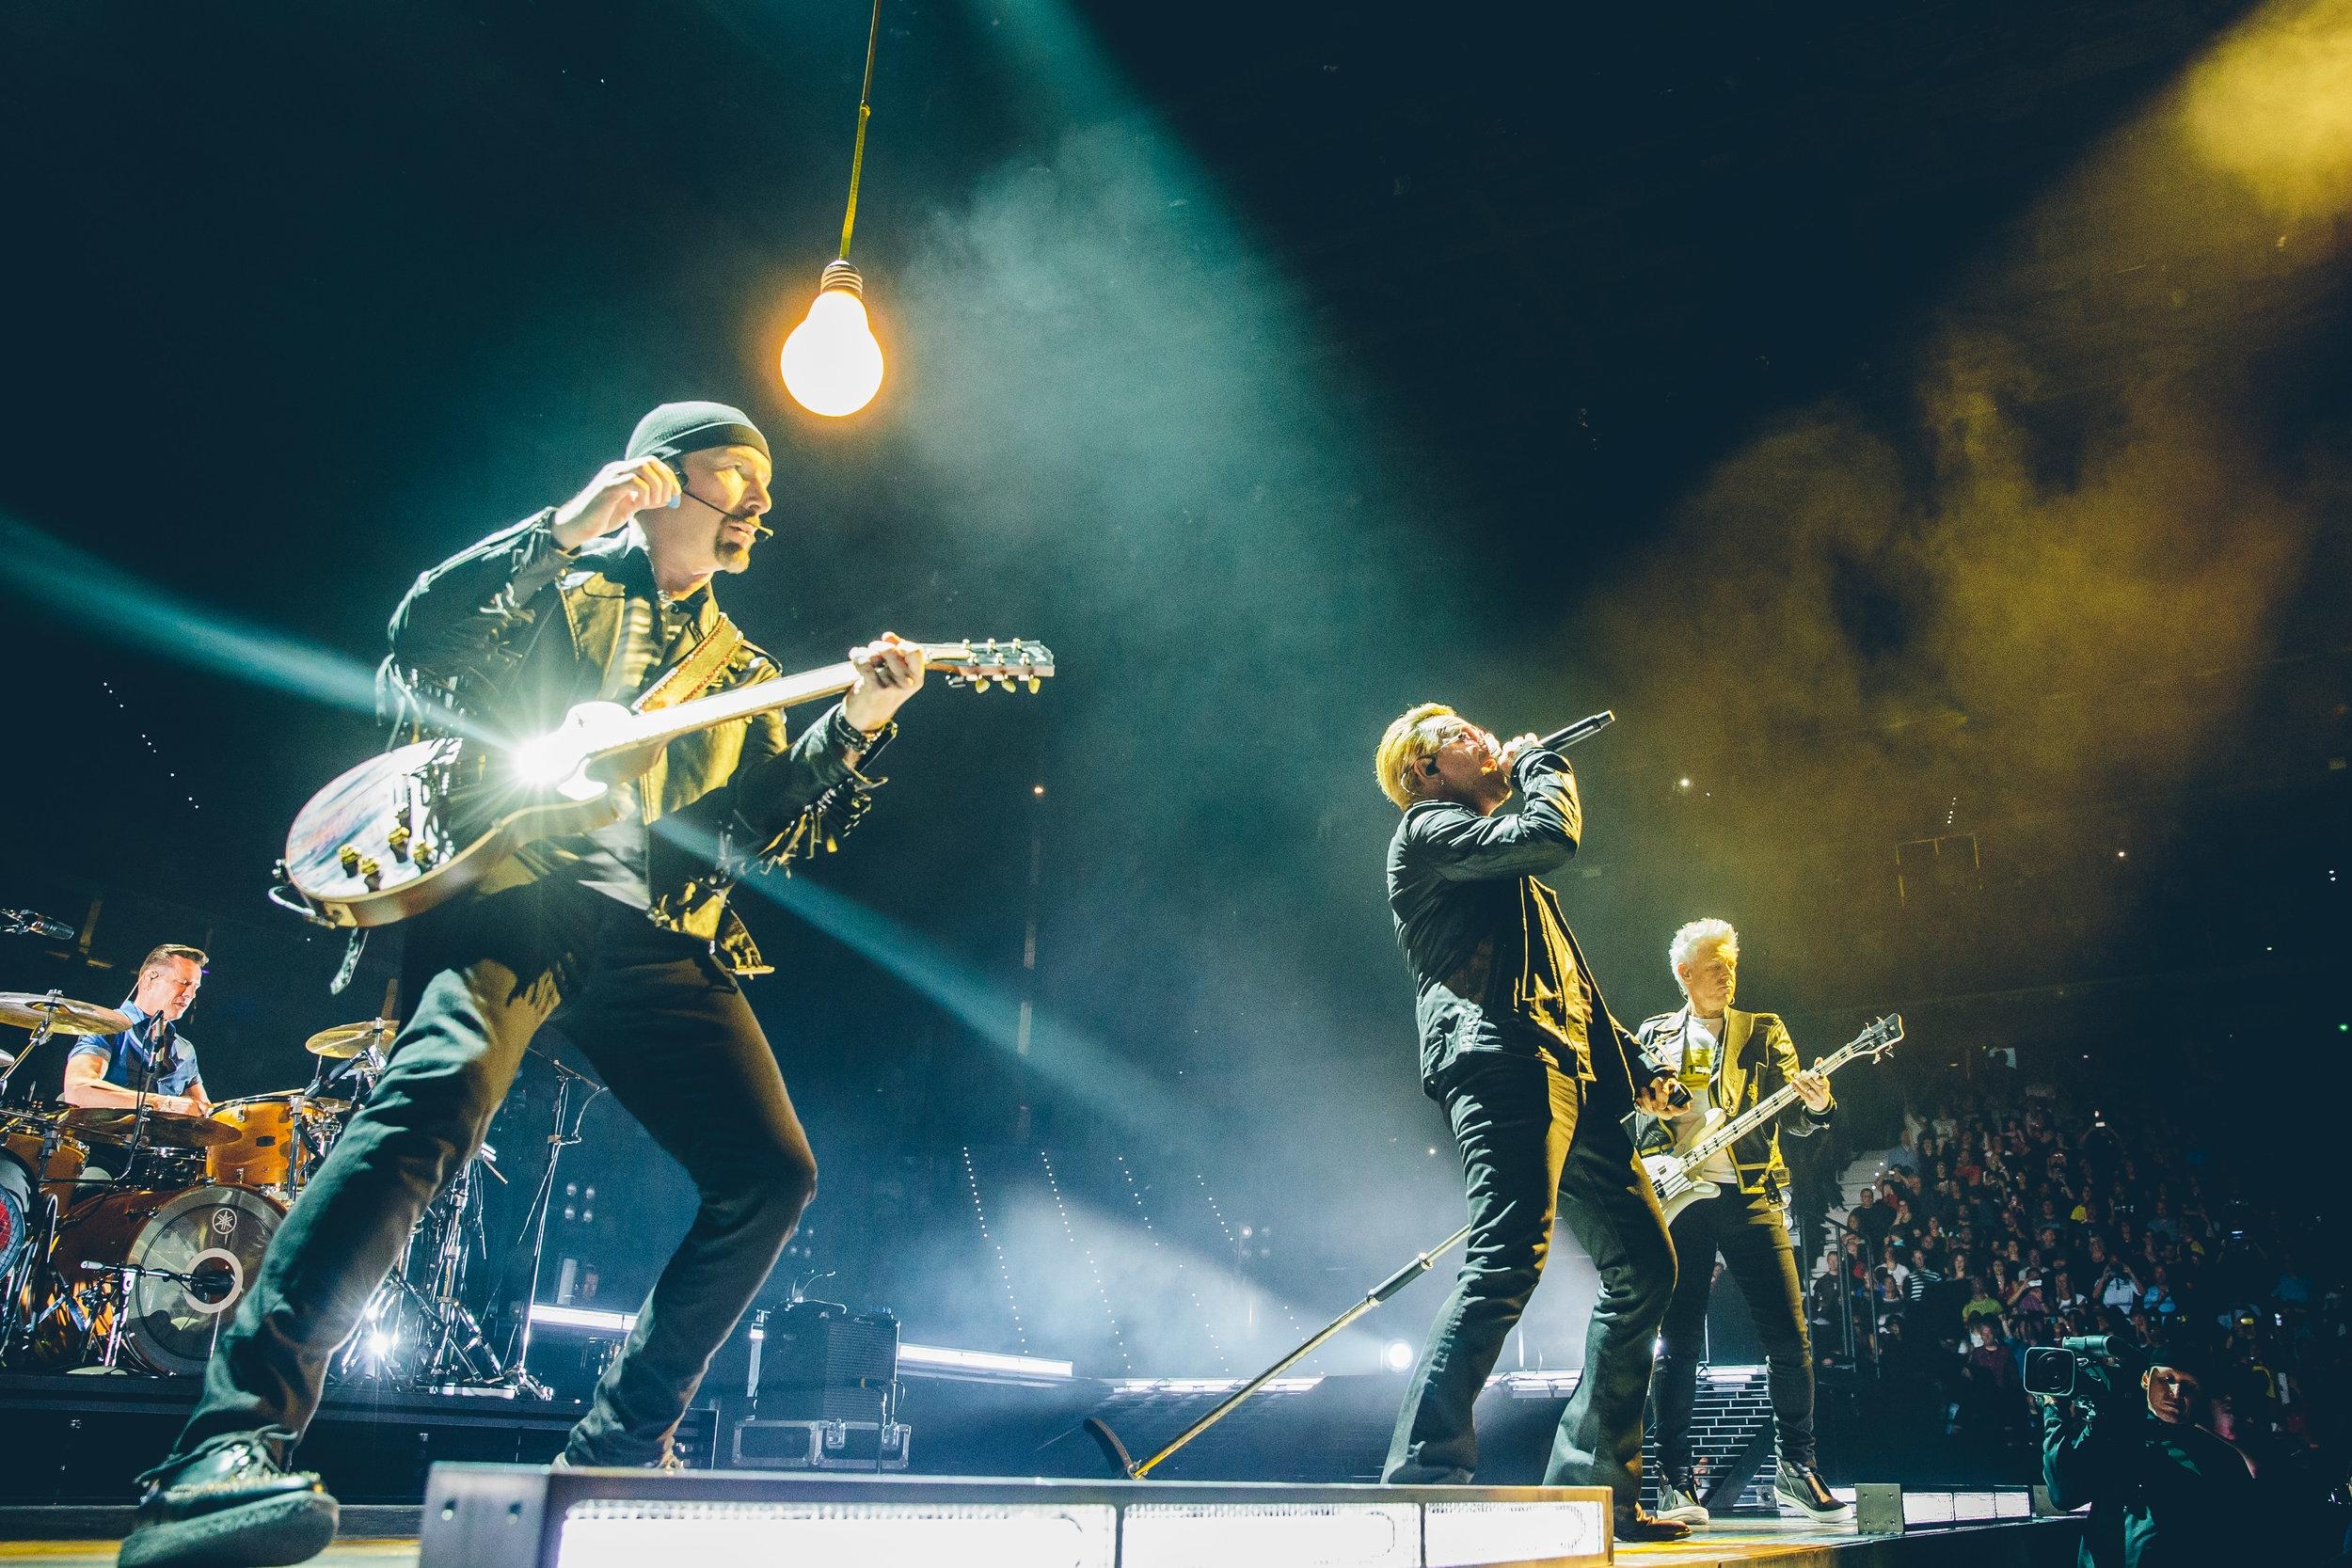 Bandet U2 har hatt samme besetning siden 1976, og omtales i foredraget  Trommer & Teamwork.